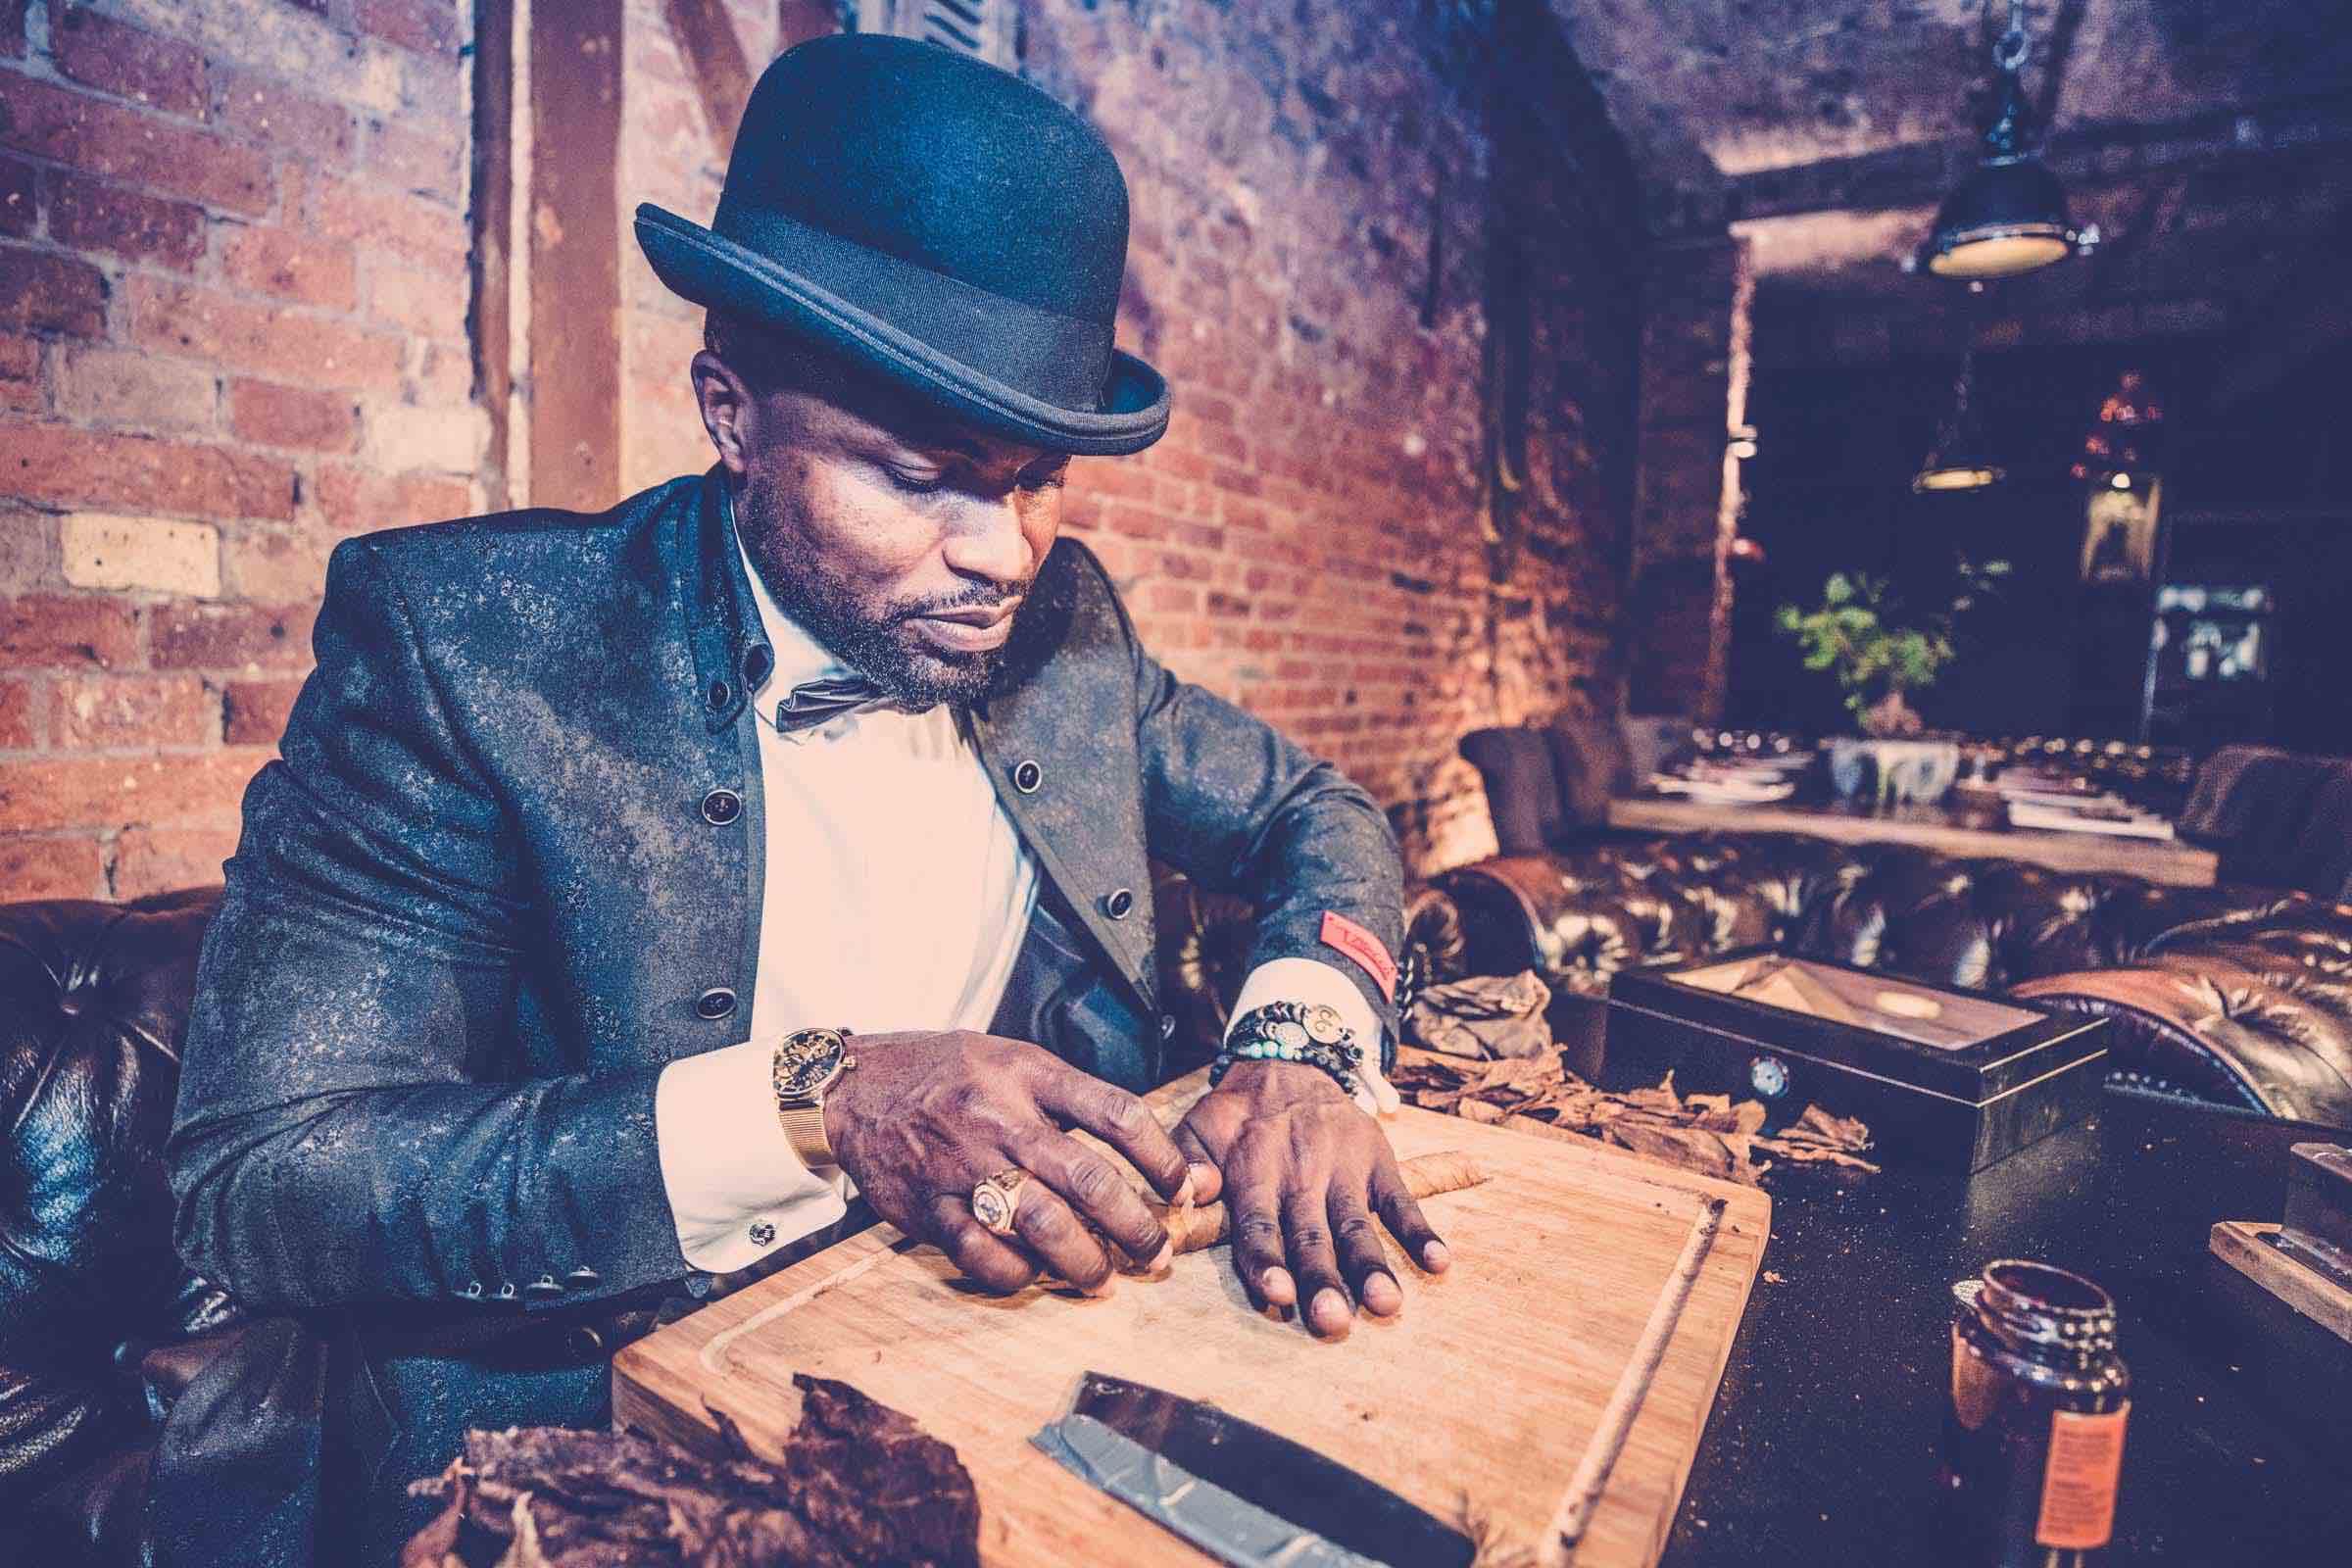 Zigarrendreher | Hamburg | Zigarren | Drehen | Zigarrenroller | Zigarrenrollerin | Zigarrendreherin | Mieten | Anfragen | Trocadero | Handgemacht | Zigarren | Robusto | Corona | Churchill | Torpedo | Banderole | Tabak | Cuba